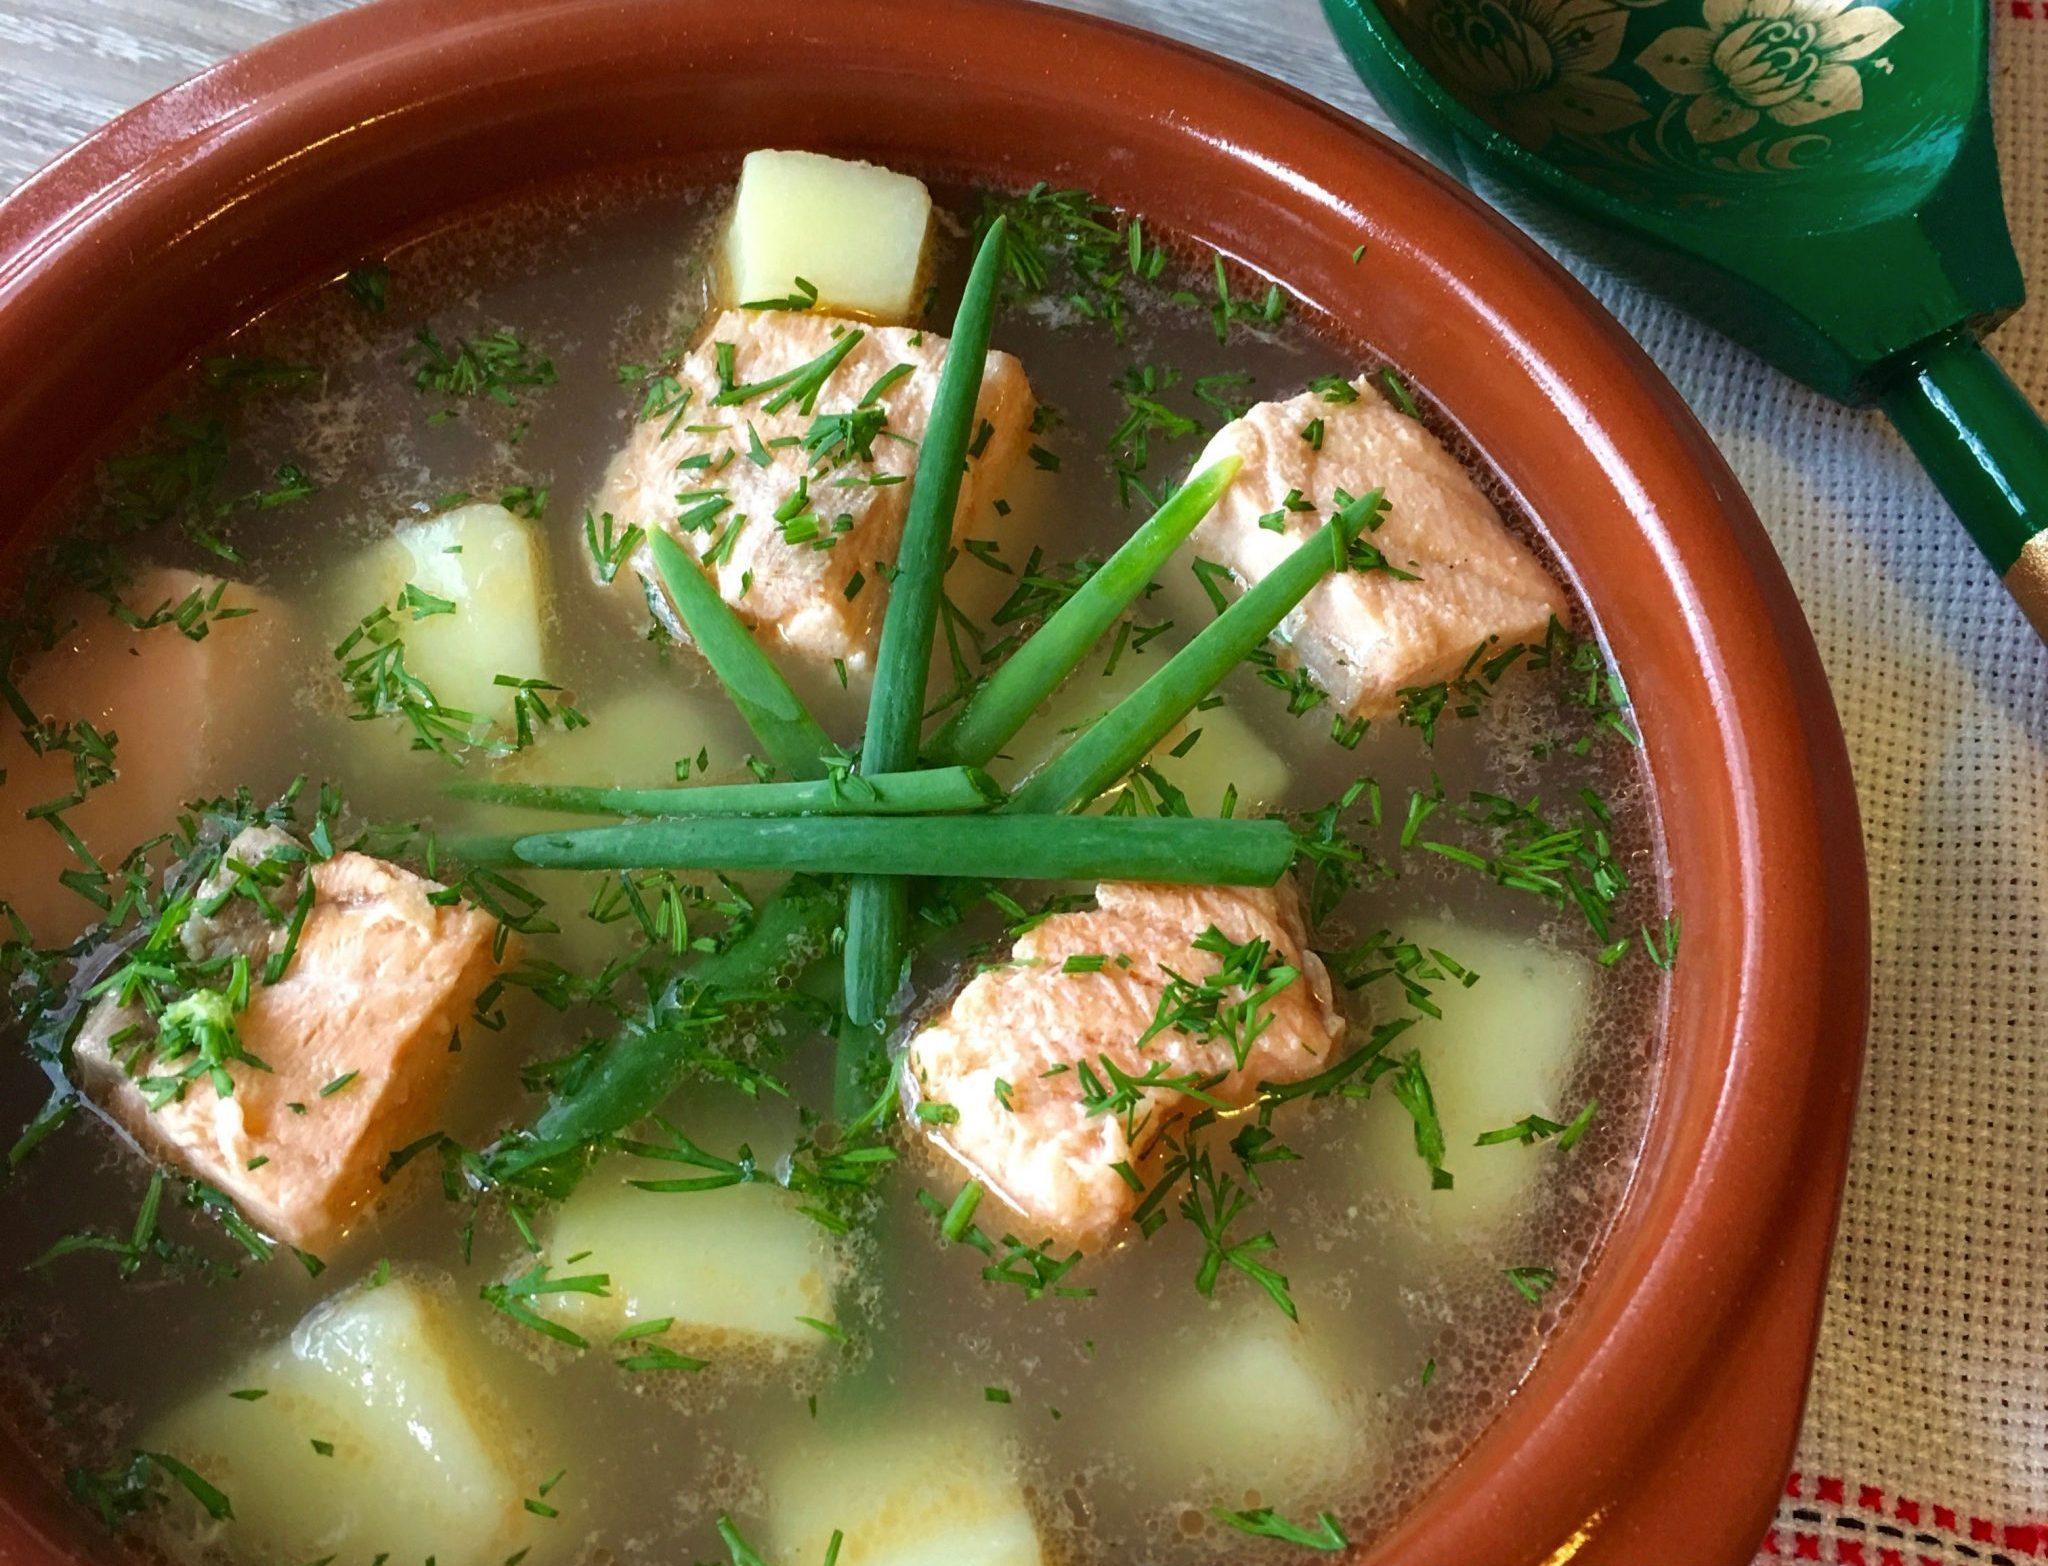 Приметы на 7 марта. Готовим счастливый суп: похлебка, приносящая удачу